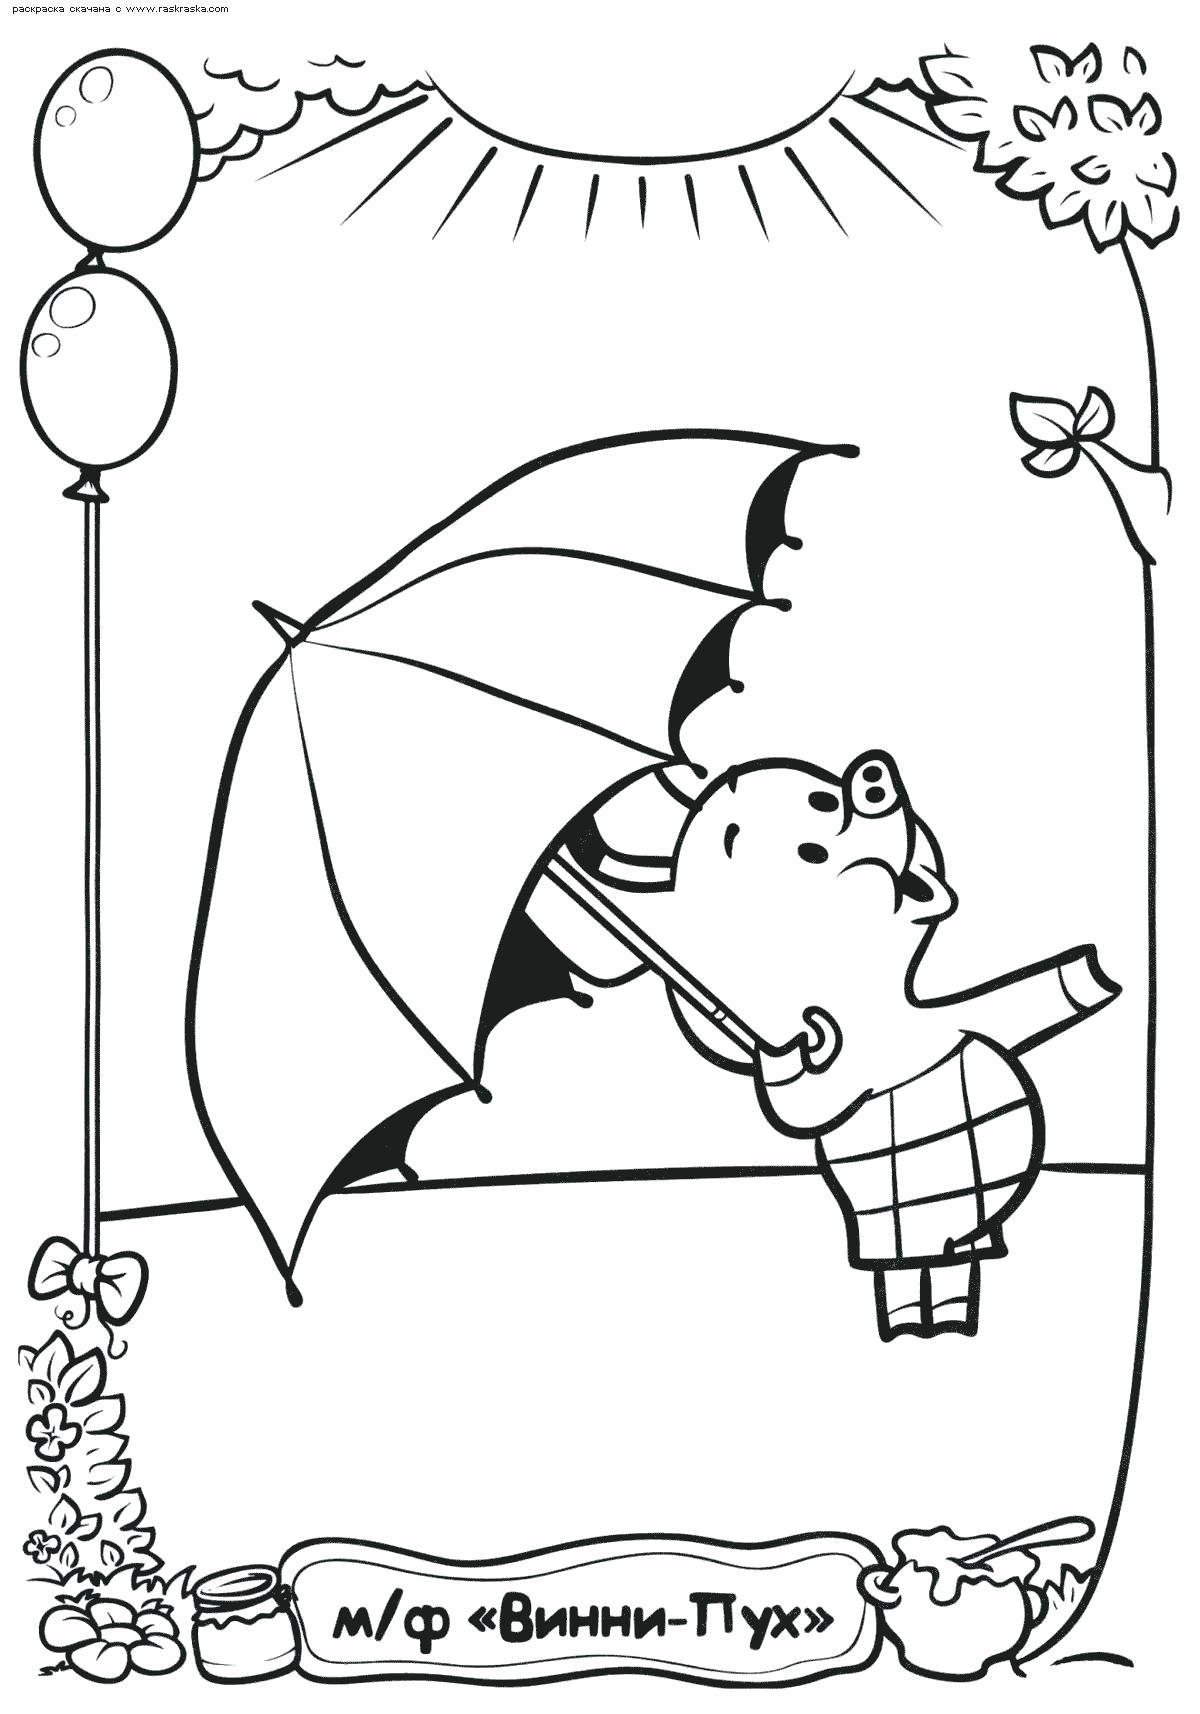 Раскраска  Пятачок под зонтиком.  Кажется дождь собирается, поросенок Пятачок  для детей из мультфильма. Скачать Пятачок.  Распечатать Пятачок